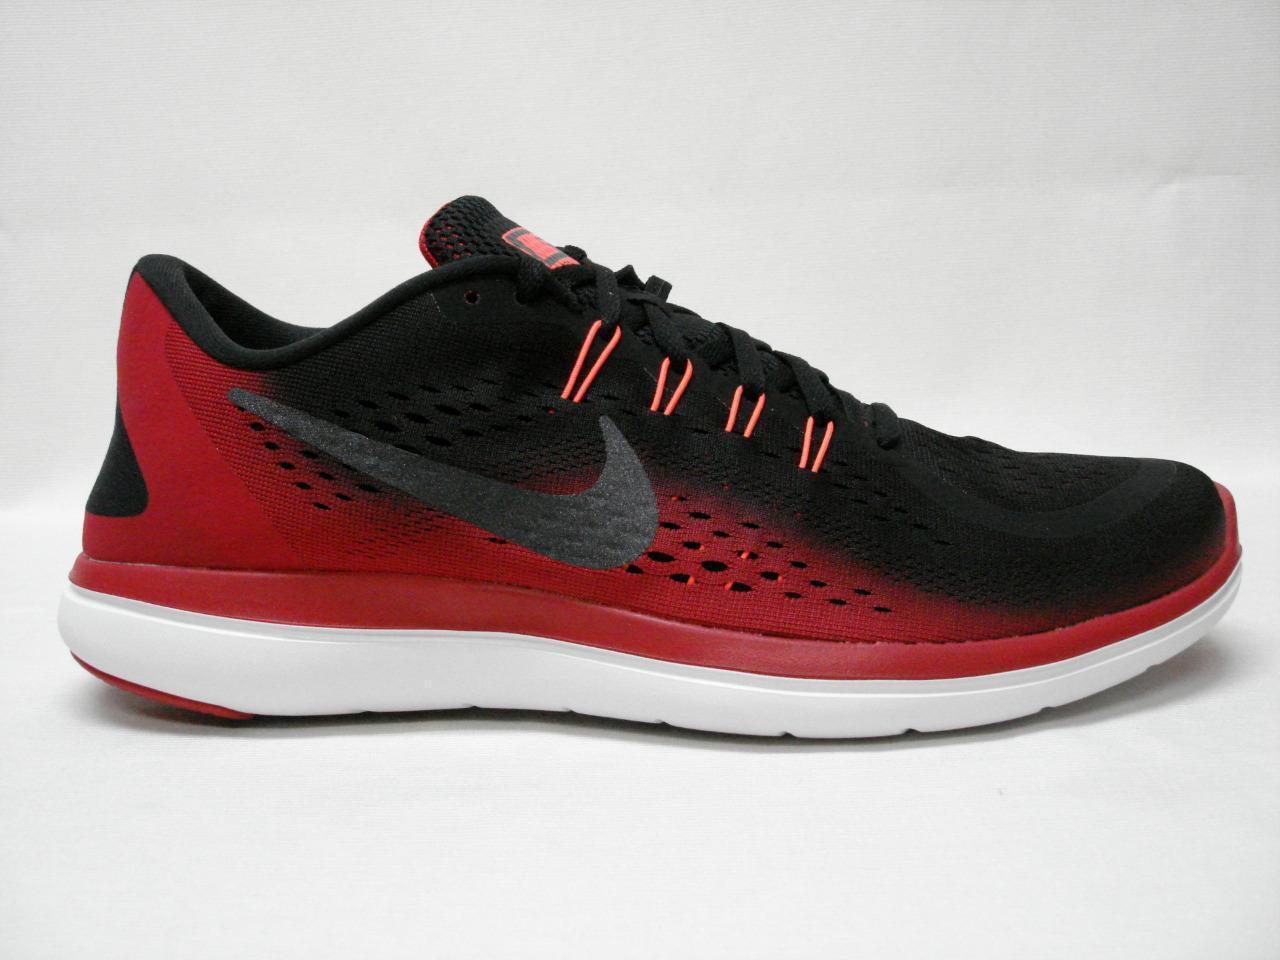 NIB Nike Nike NIB Flex 2018 RN 11 hombres zapatos Rojo Negro ~ dulce mirando zapato comodo y atractivo 0f02e7